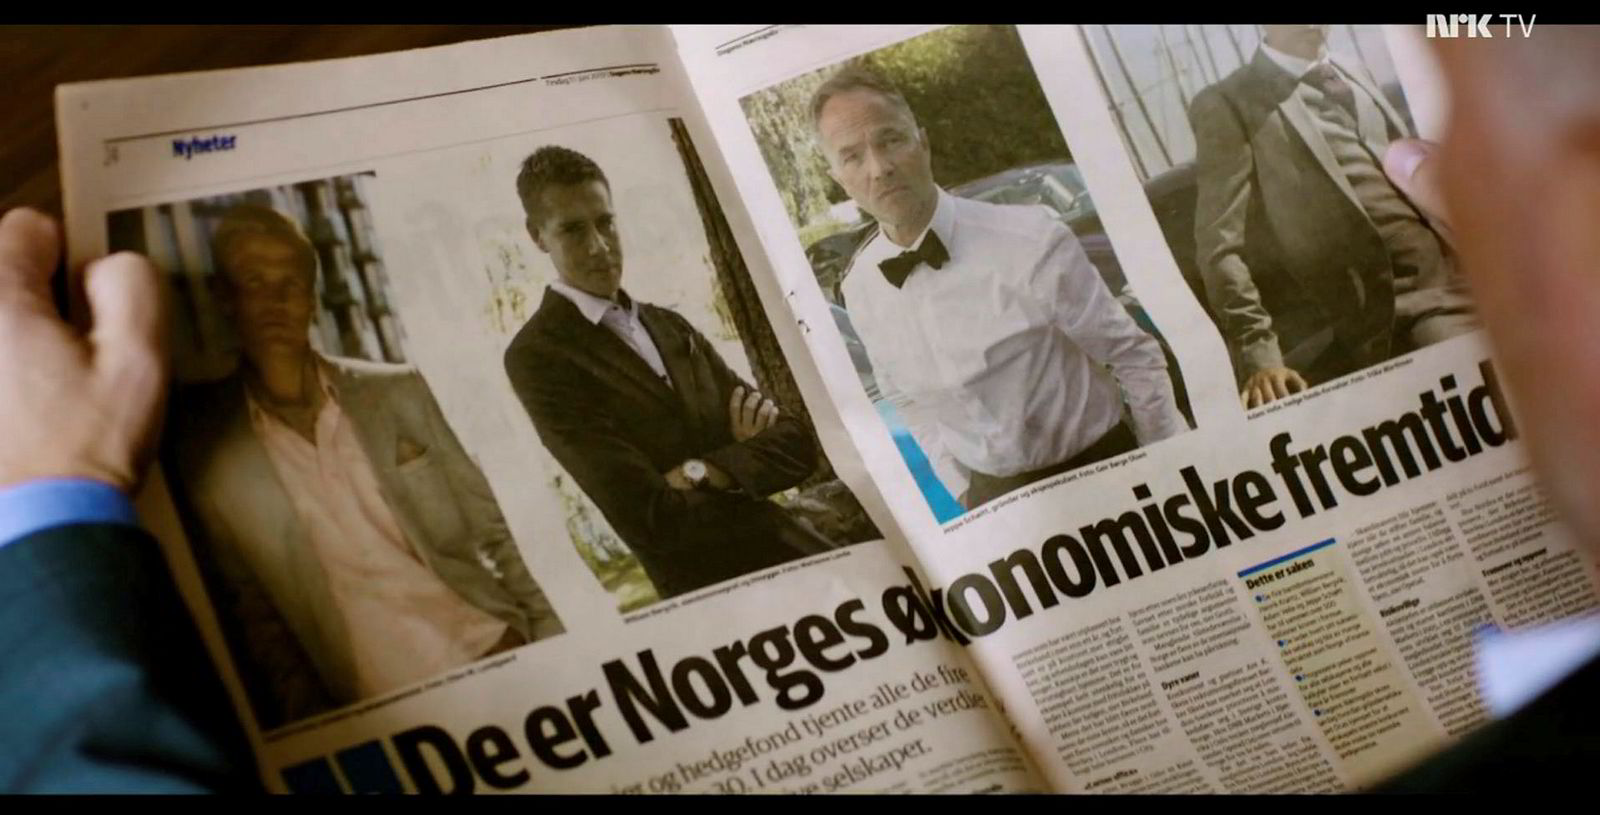 En av karakterene i serien er en DN-journalist. Sjefredaktør Amund Djuve tror ikke det er god pr for avisen.